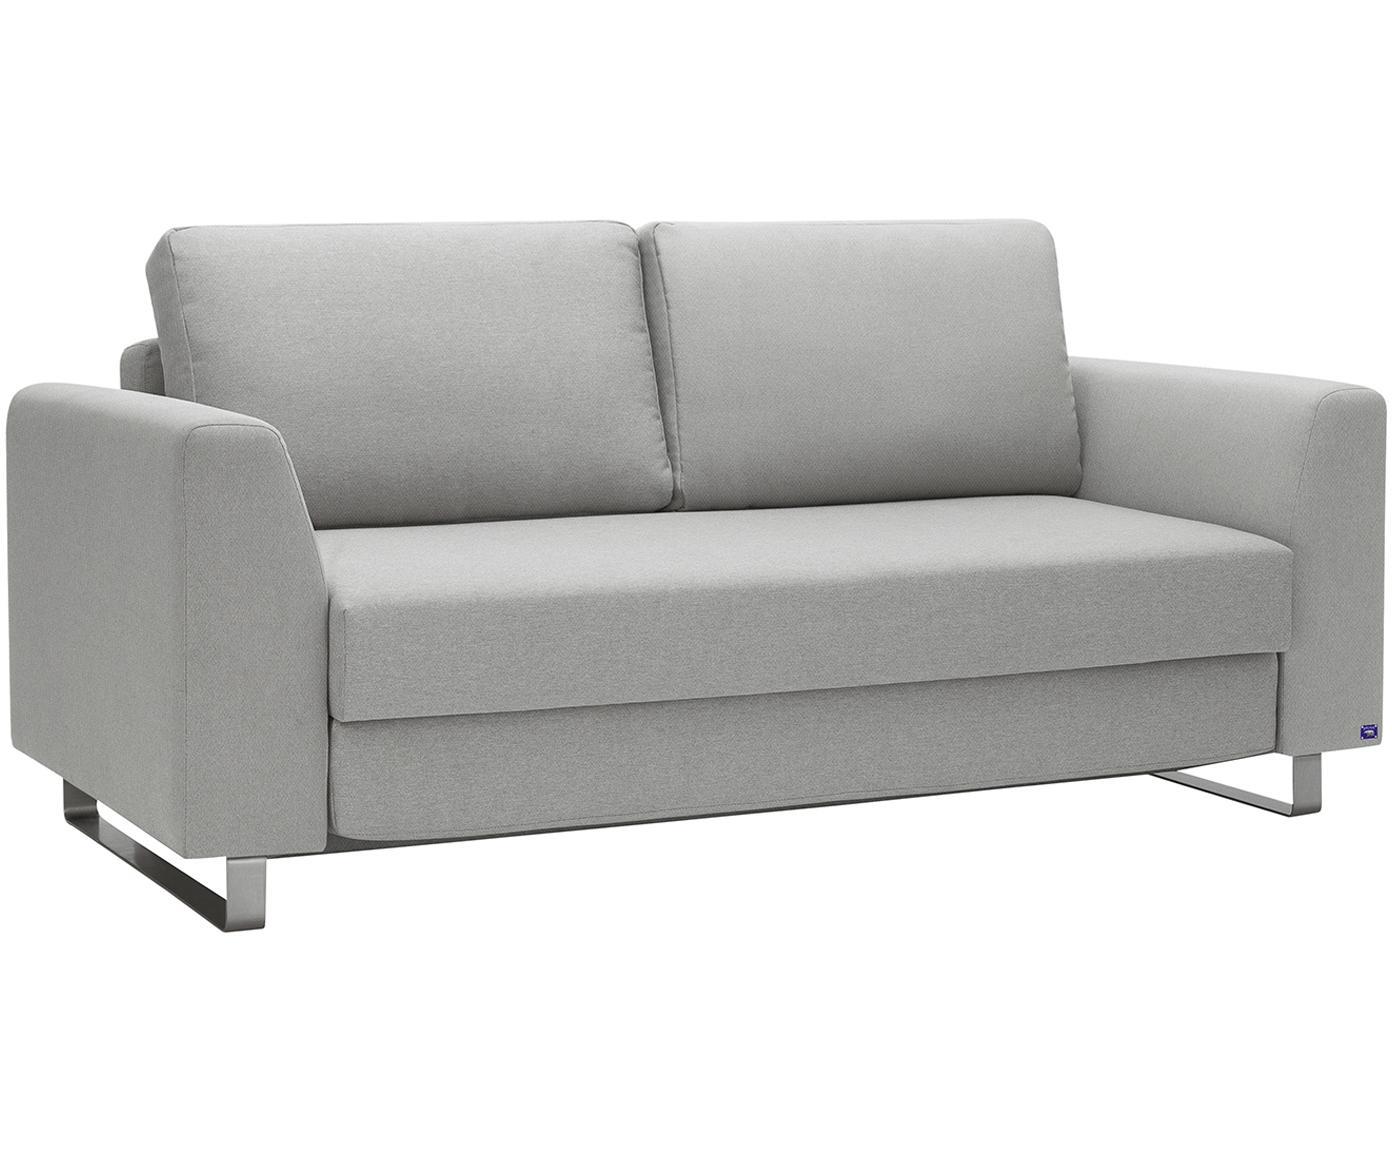 Schlafsofa Bruno (3-Sitzer), Bezug: Pflegeleichtes robustes P, Rahmen: Massivholz, Füße: Gebürstetes Metall oder B, Webstoff Hellgrau, B 200 x T 84 cm